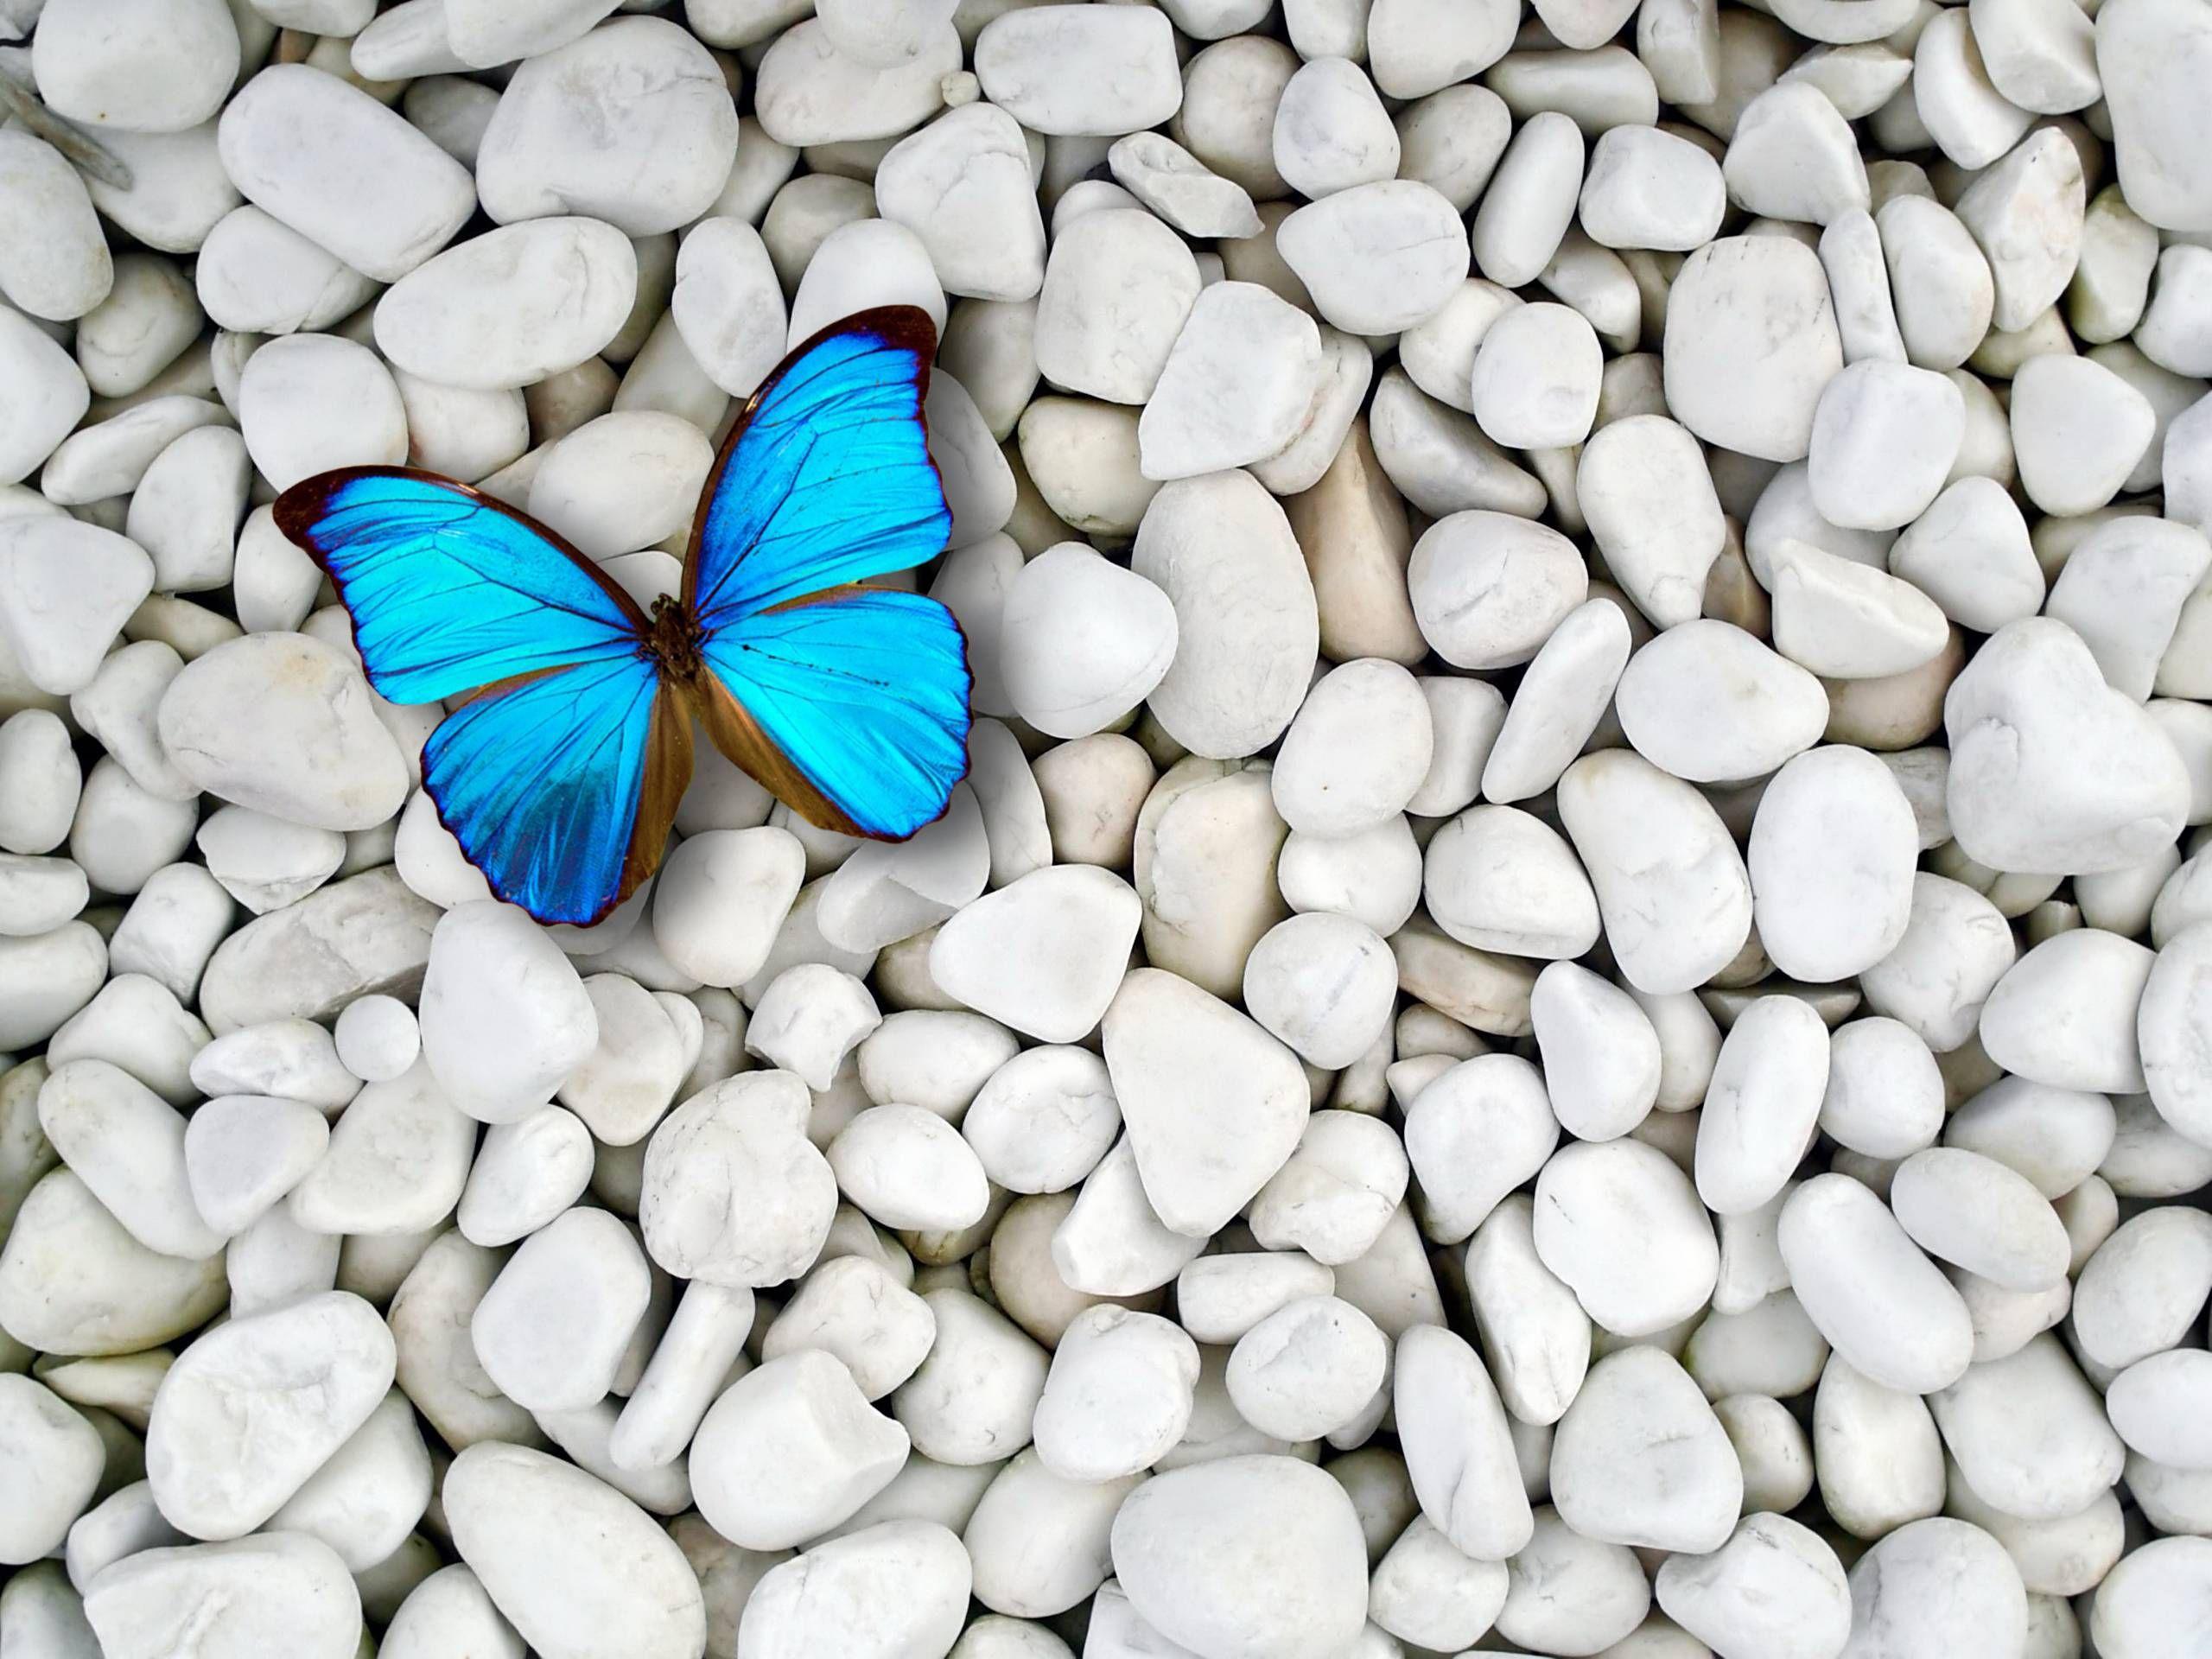 Desktop Blue Butterfly Wallpaper HD Natur Pinterest Blue - Butterfly wallpaper for computer desktop